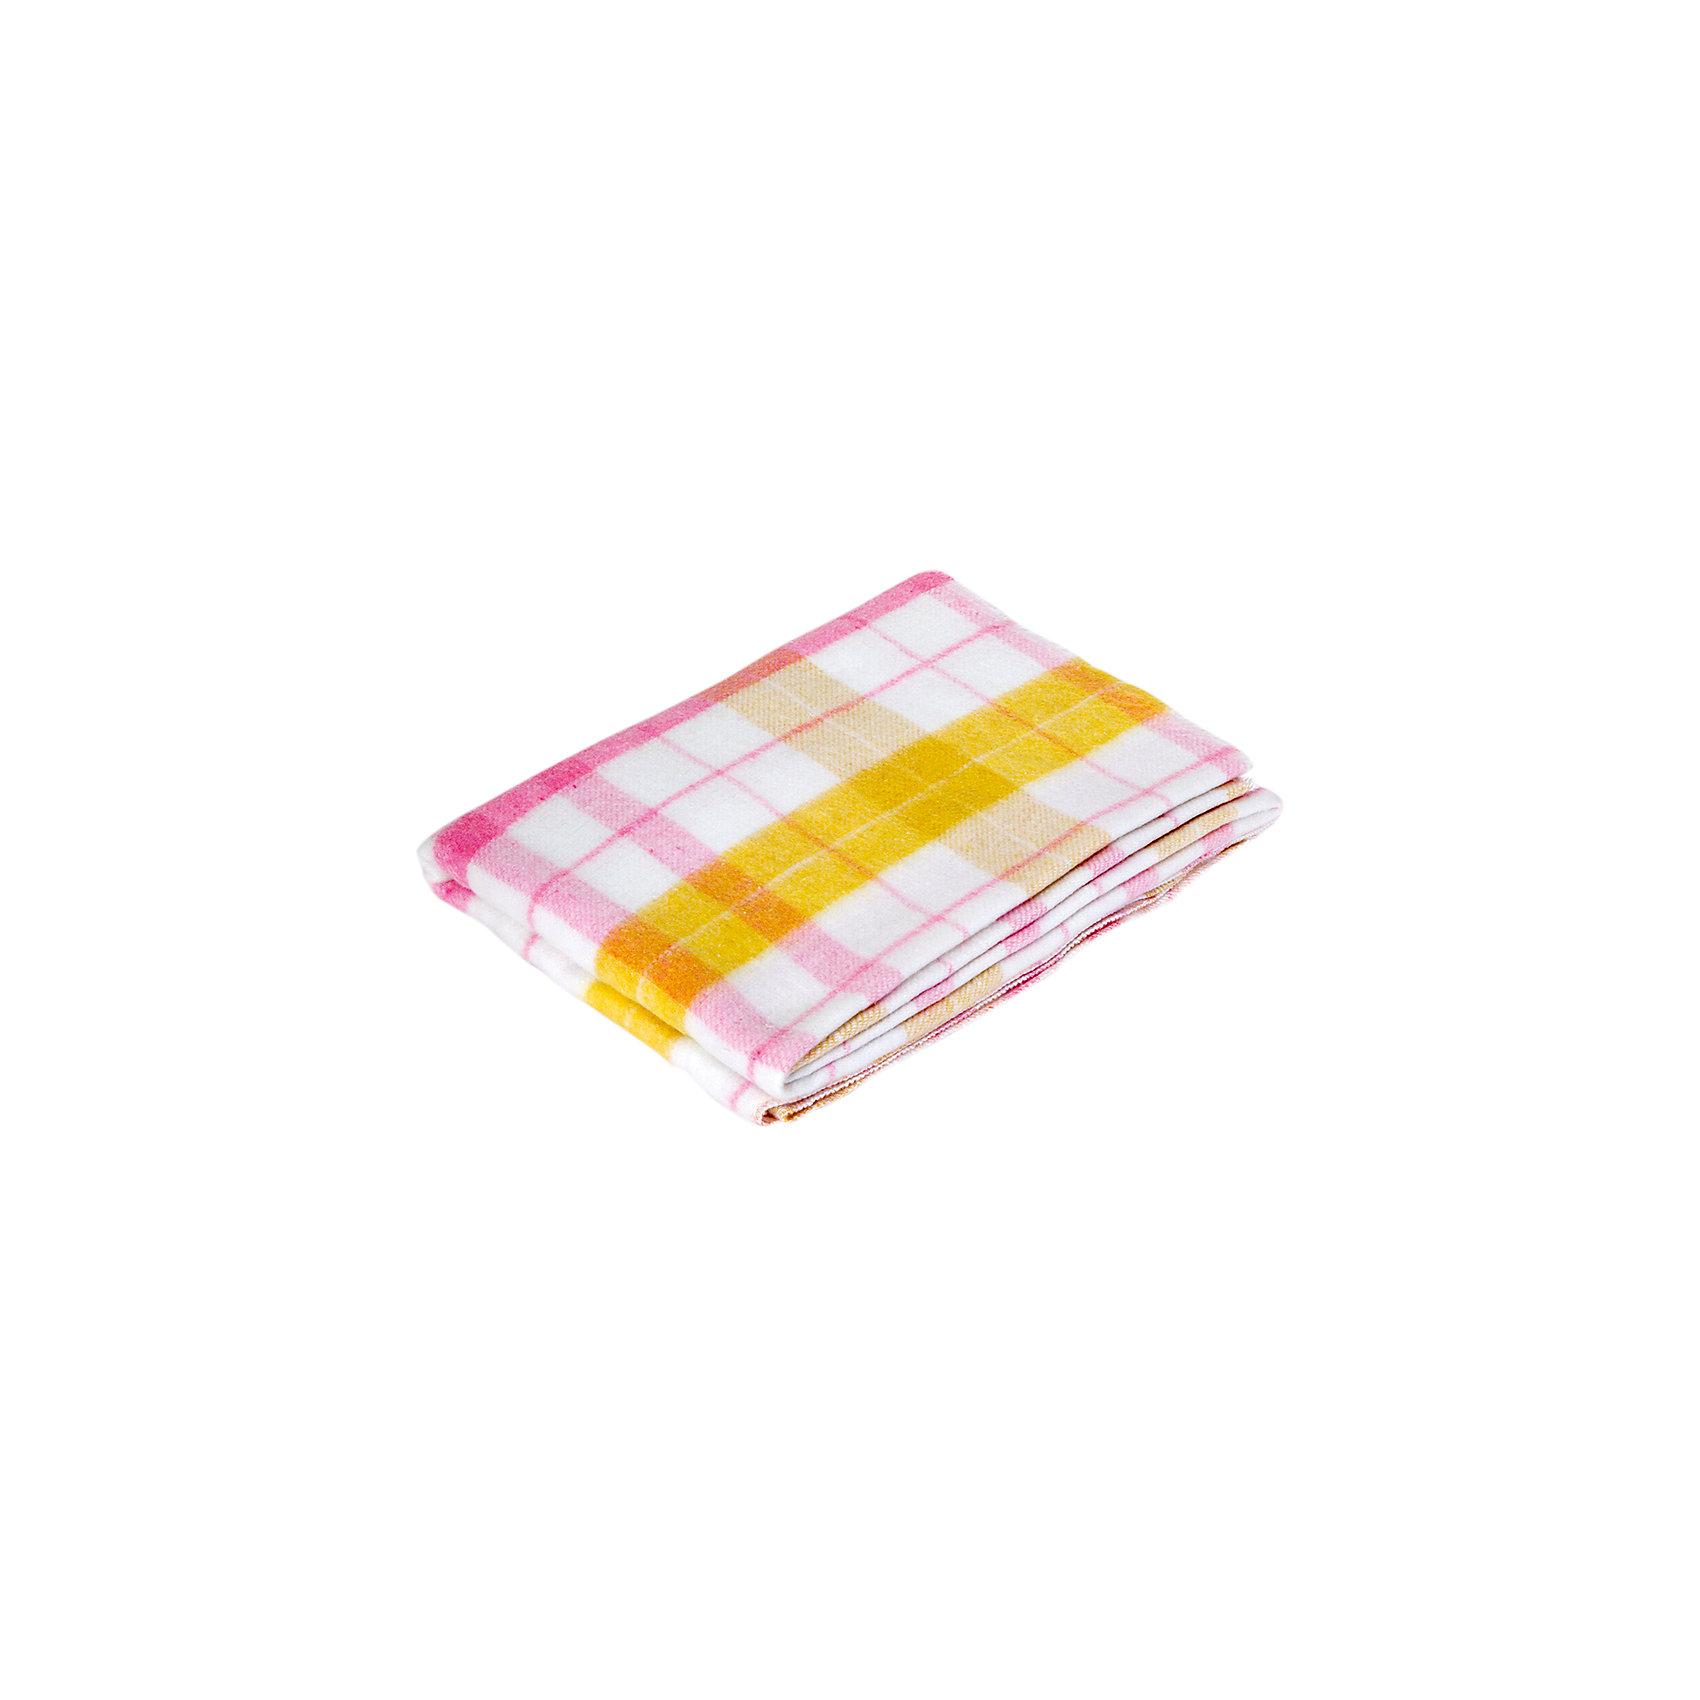 Одеяло жаккард, хлопок и пан, Клетка Baby Nice, розовыйОдеяла, пледы<br>Одеяло жаккард, хлопок и пан, Клетка Baby Nice, розовый<br><br>Характеристики:<br><br>• Состав: 50% пан, 30% хлопок, 20% шерсть<br>• Размер: 100 * 140 см.<br>• Плотность: 250 гр./м.<br>• Для детей в возрасте: от 0 до 4-х лет<br>• Страна производитель: Россия<br><br>Мягкое, приятное одеяло от Объединенной Текстильной Компании, специализирующейся на производстве качественного постельного белья и принадлежностей по приемлемой цене. Нежная расцветка в клеточку с розовыми полосками на белом фоне идеально подойдет для девочек. Натуральный материал одеяла согревает и вместе с тем пропускает воздух, позволяя коже ребёнка дышать. <br><br>Края изделия оверлочены и выглядят очень аккуратно. Вы можете одеть пододеяльник на одеяло или использовать его как плед. Кроме использования в кроватке, это легкое одеялко удобно брать с собой на прогулку в парк прохладным вечером или в машину, чтобы укрывать малышку если она уснет в дороге. Добавьте атмосферы уюта и комфорта вместе с новым одеялом!<br><br>Одеяло жаккард, хлопок и пан, Клетка Baby Nice, розовое можно купить в нашем интернет-магазине<br><br>Ширина мм: 230<br>Глубина мм: 250<br>Высота мм: 40<br>Вес г: 500<br>Возраст от месяцев: 0<br>Возраст до месяцев: 12<br>Пол: Женский<br>Возраст: Детский<br>SKU: 5454336